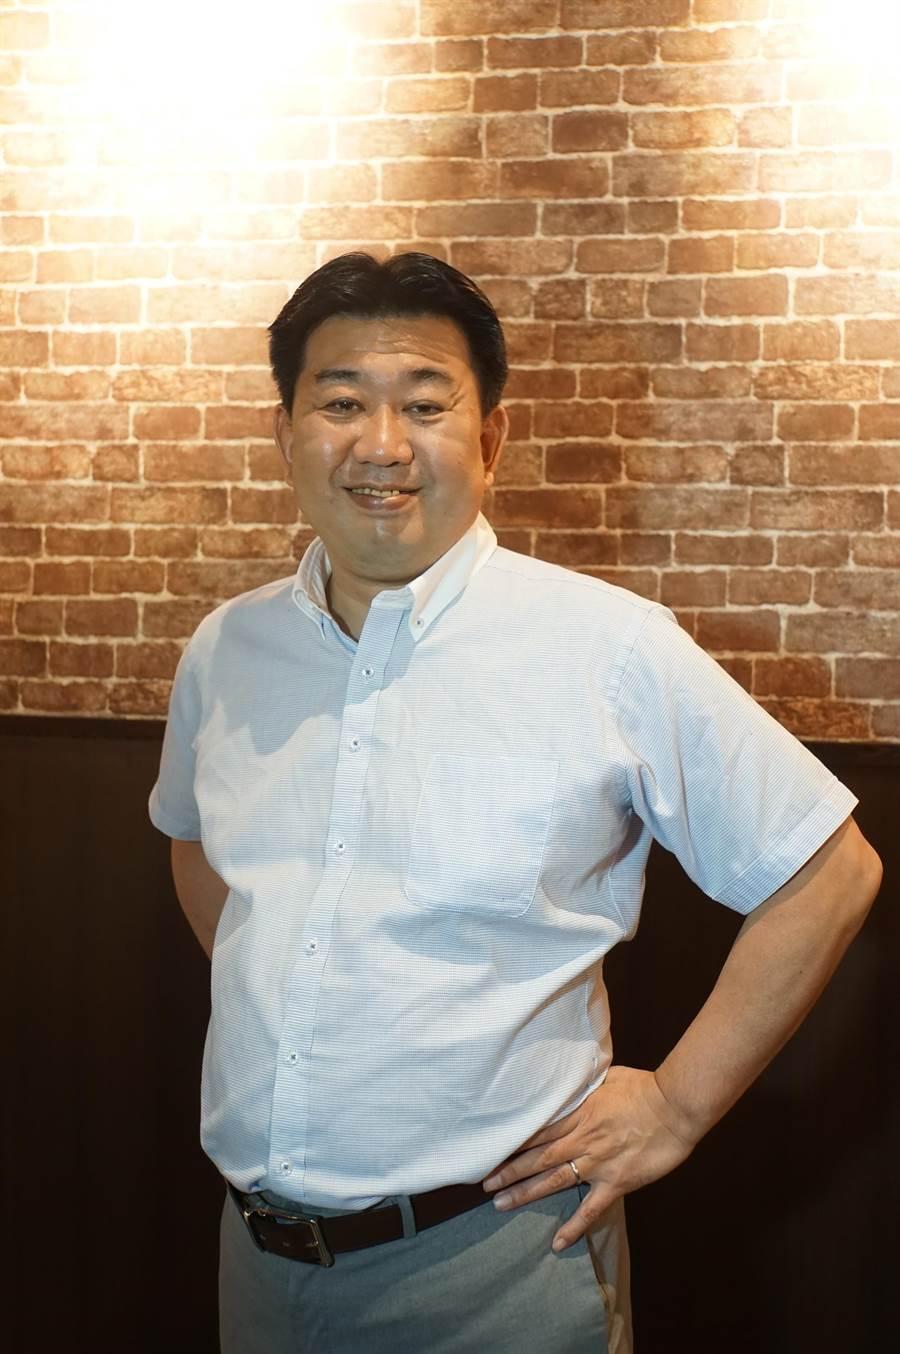 引進日本最大平價連鎖牛排Ikinari Steak的台灣七品董事長和賀潔表示,Ikinari Steak入台後希望在今年底前展店3家。(圖/姚舜)